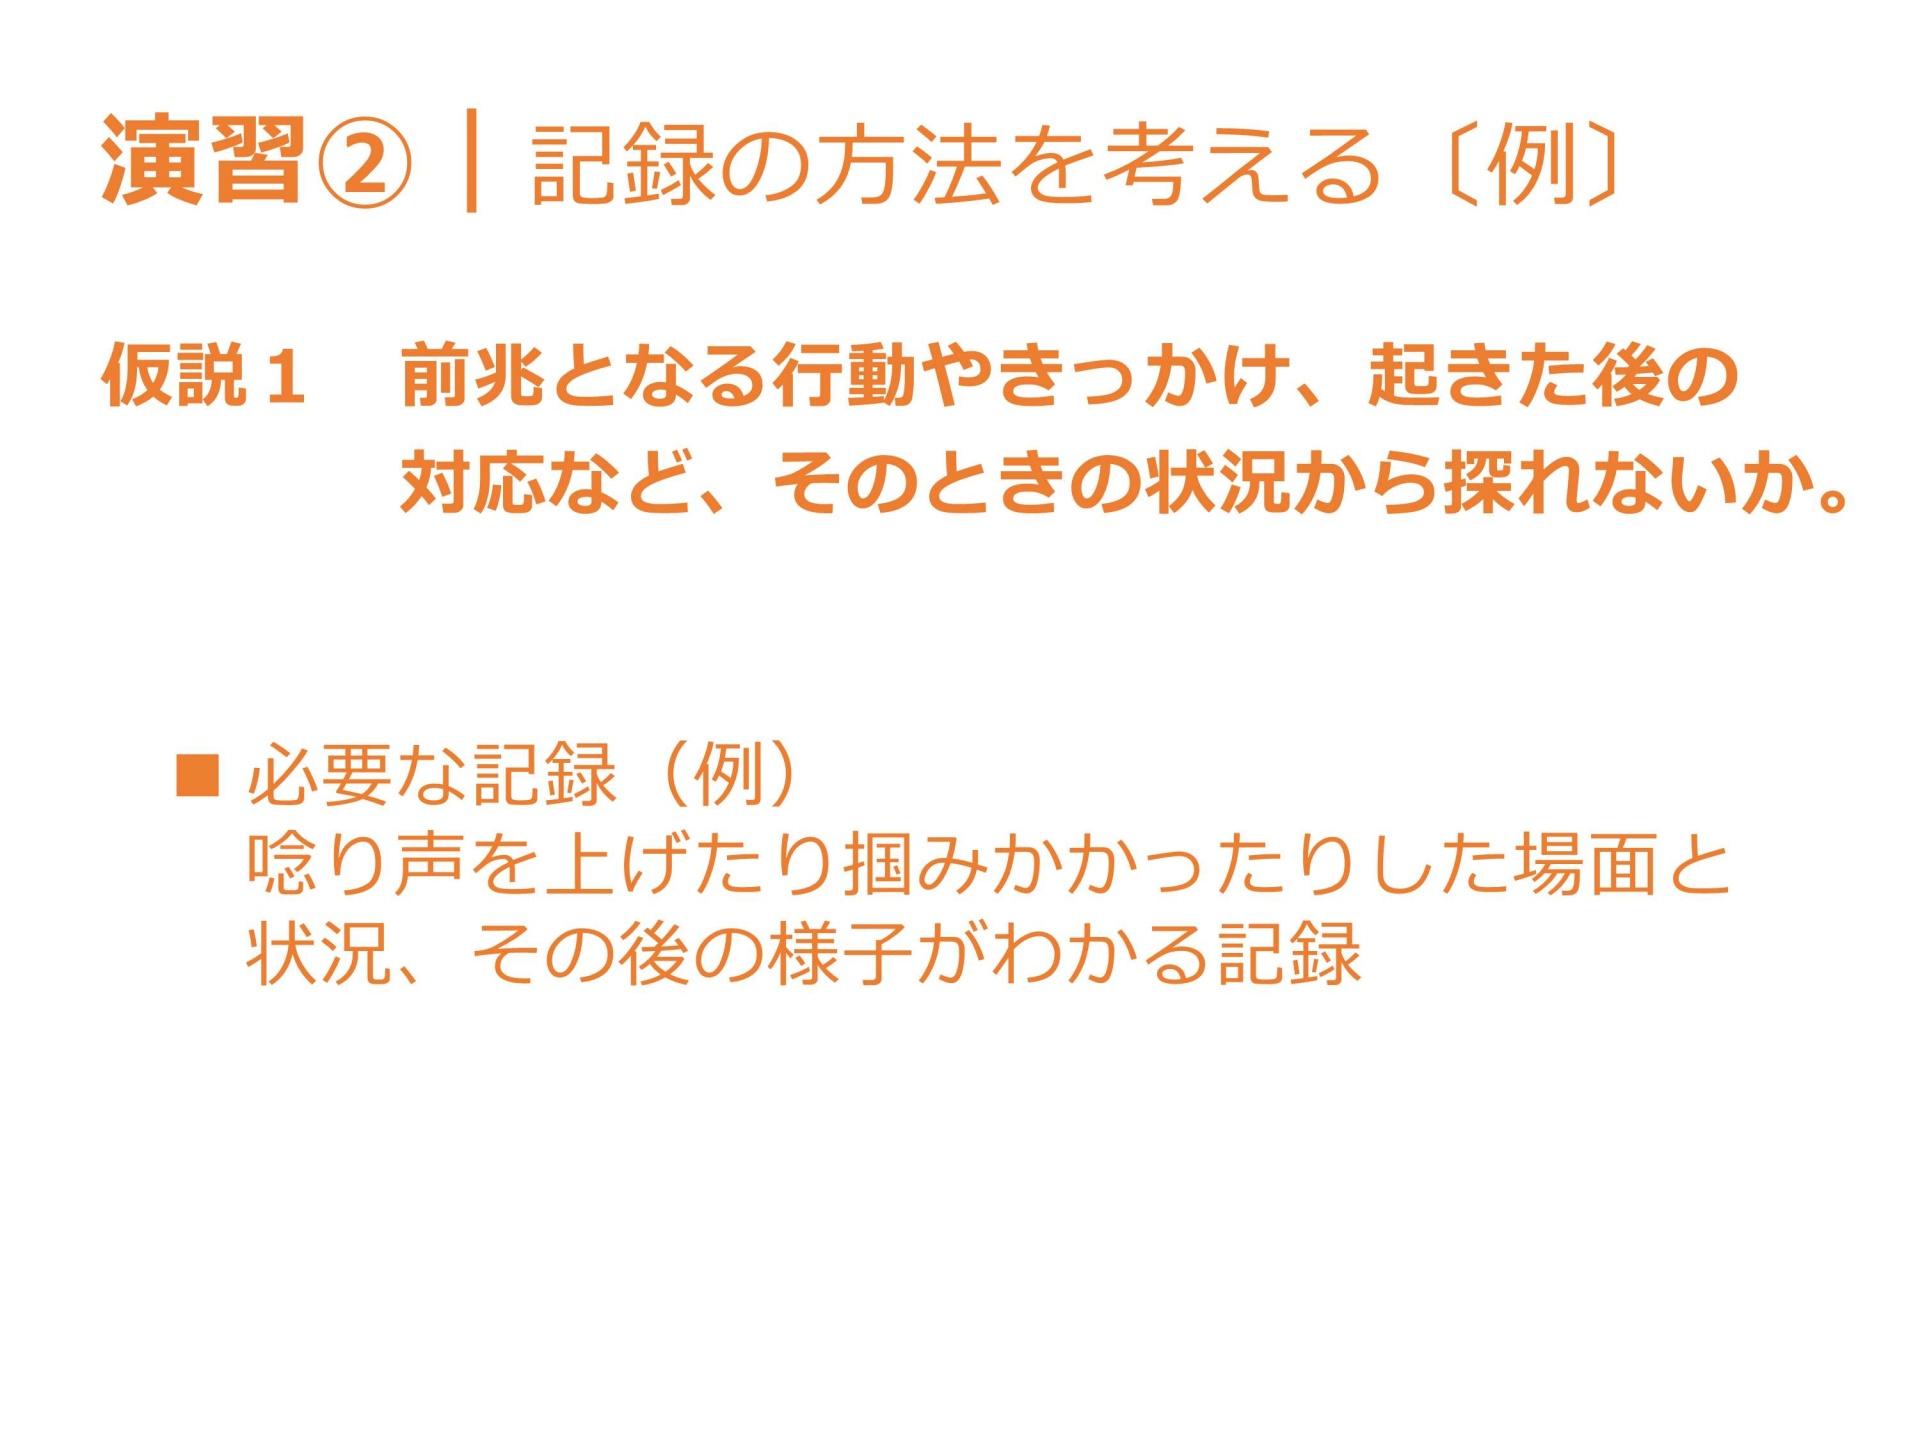 07-1記録に基づく支援の評価(表示用)・宮原/小野澤_2